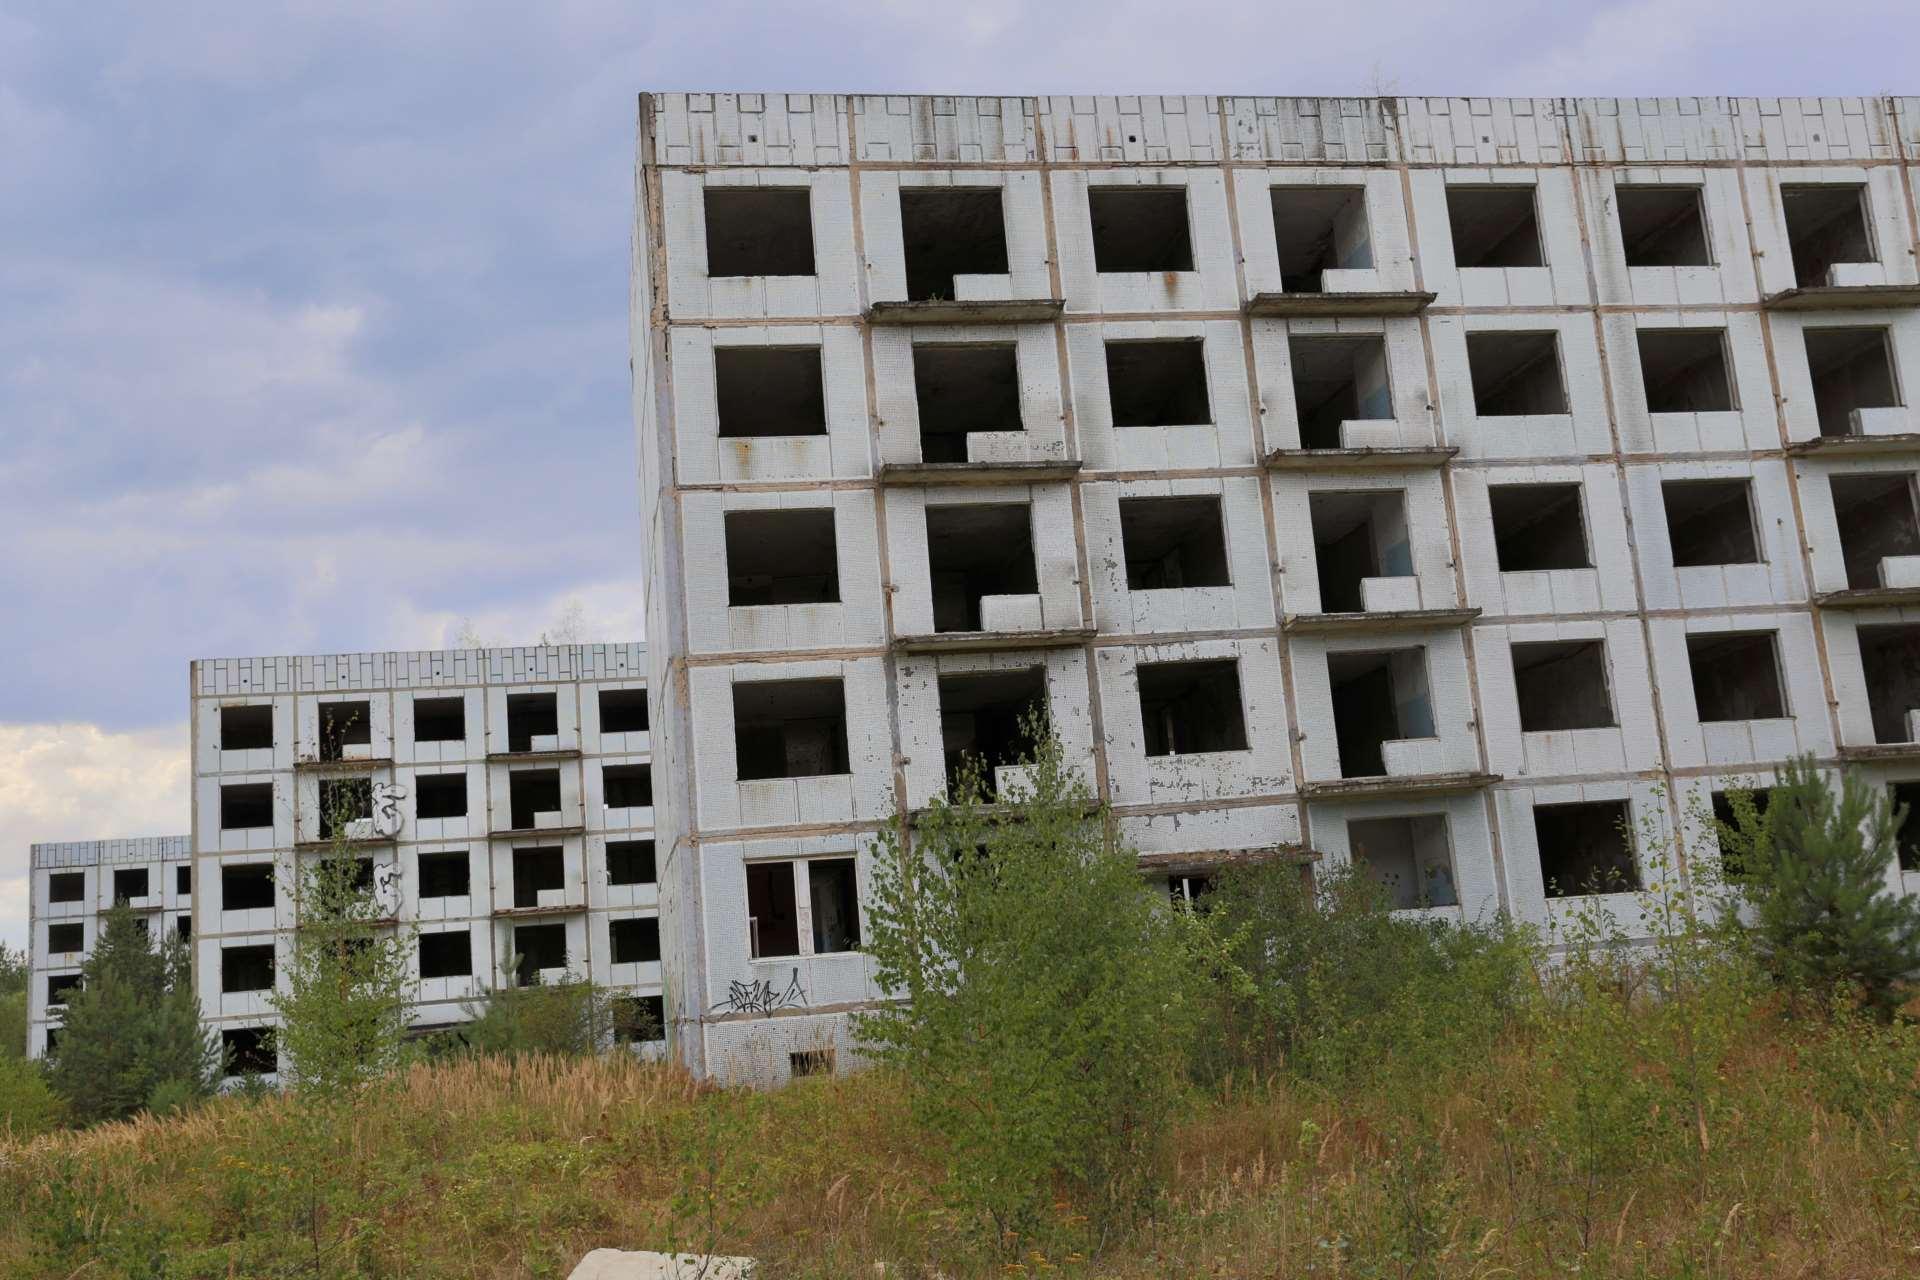 Заброшенные пятиэтажки в Ральско неподалеку от бывшей советской авиабазы